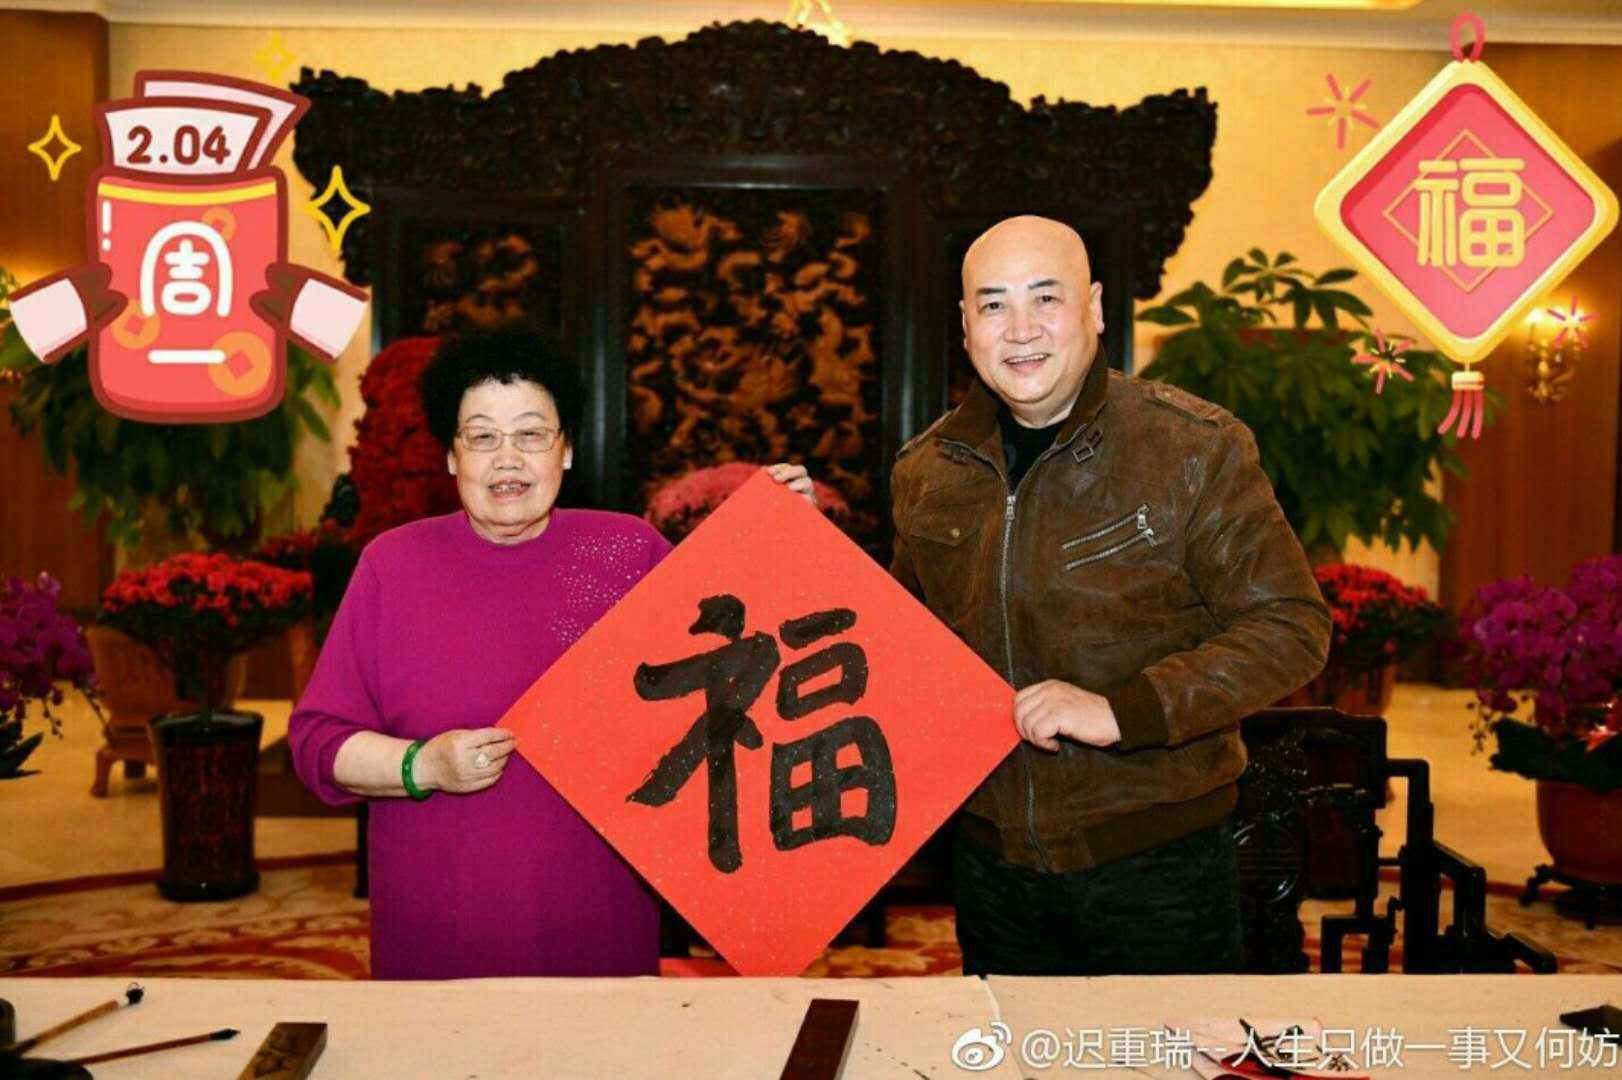 唐僧饰演者迟重瑞和78岁富豪妻子同框,硕大的翡翠亮了!